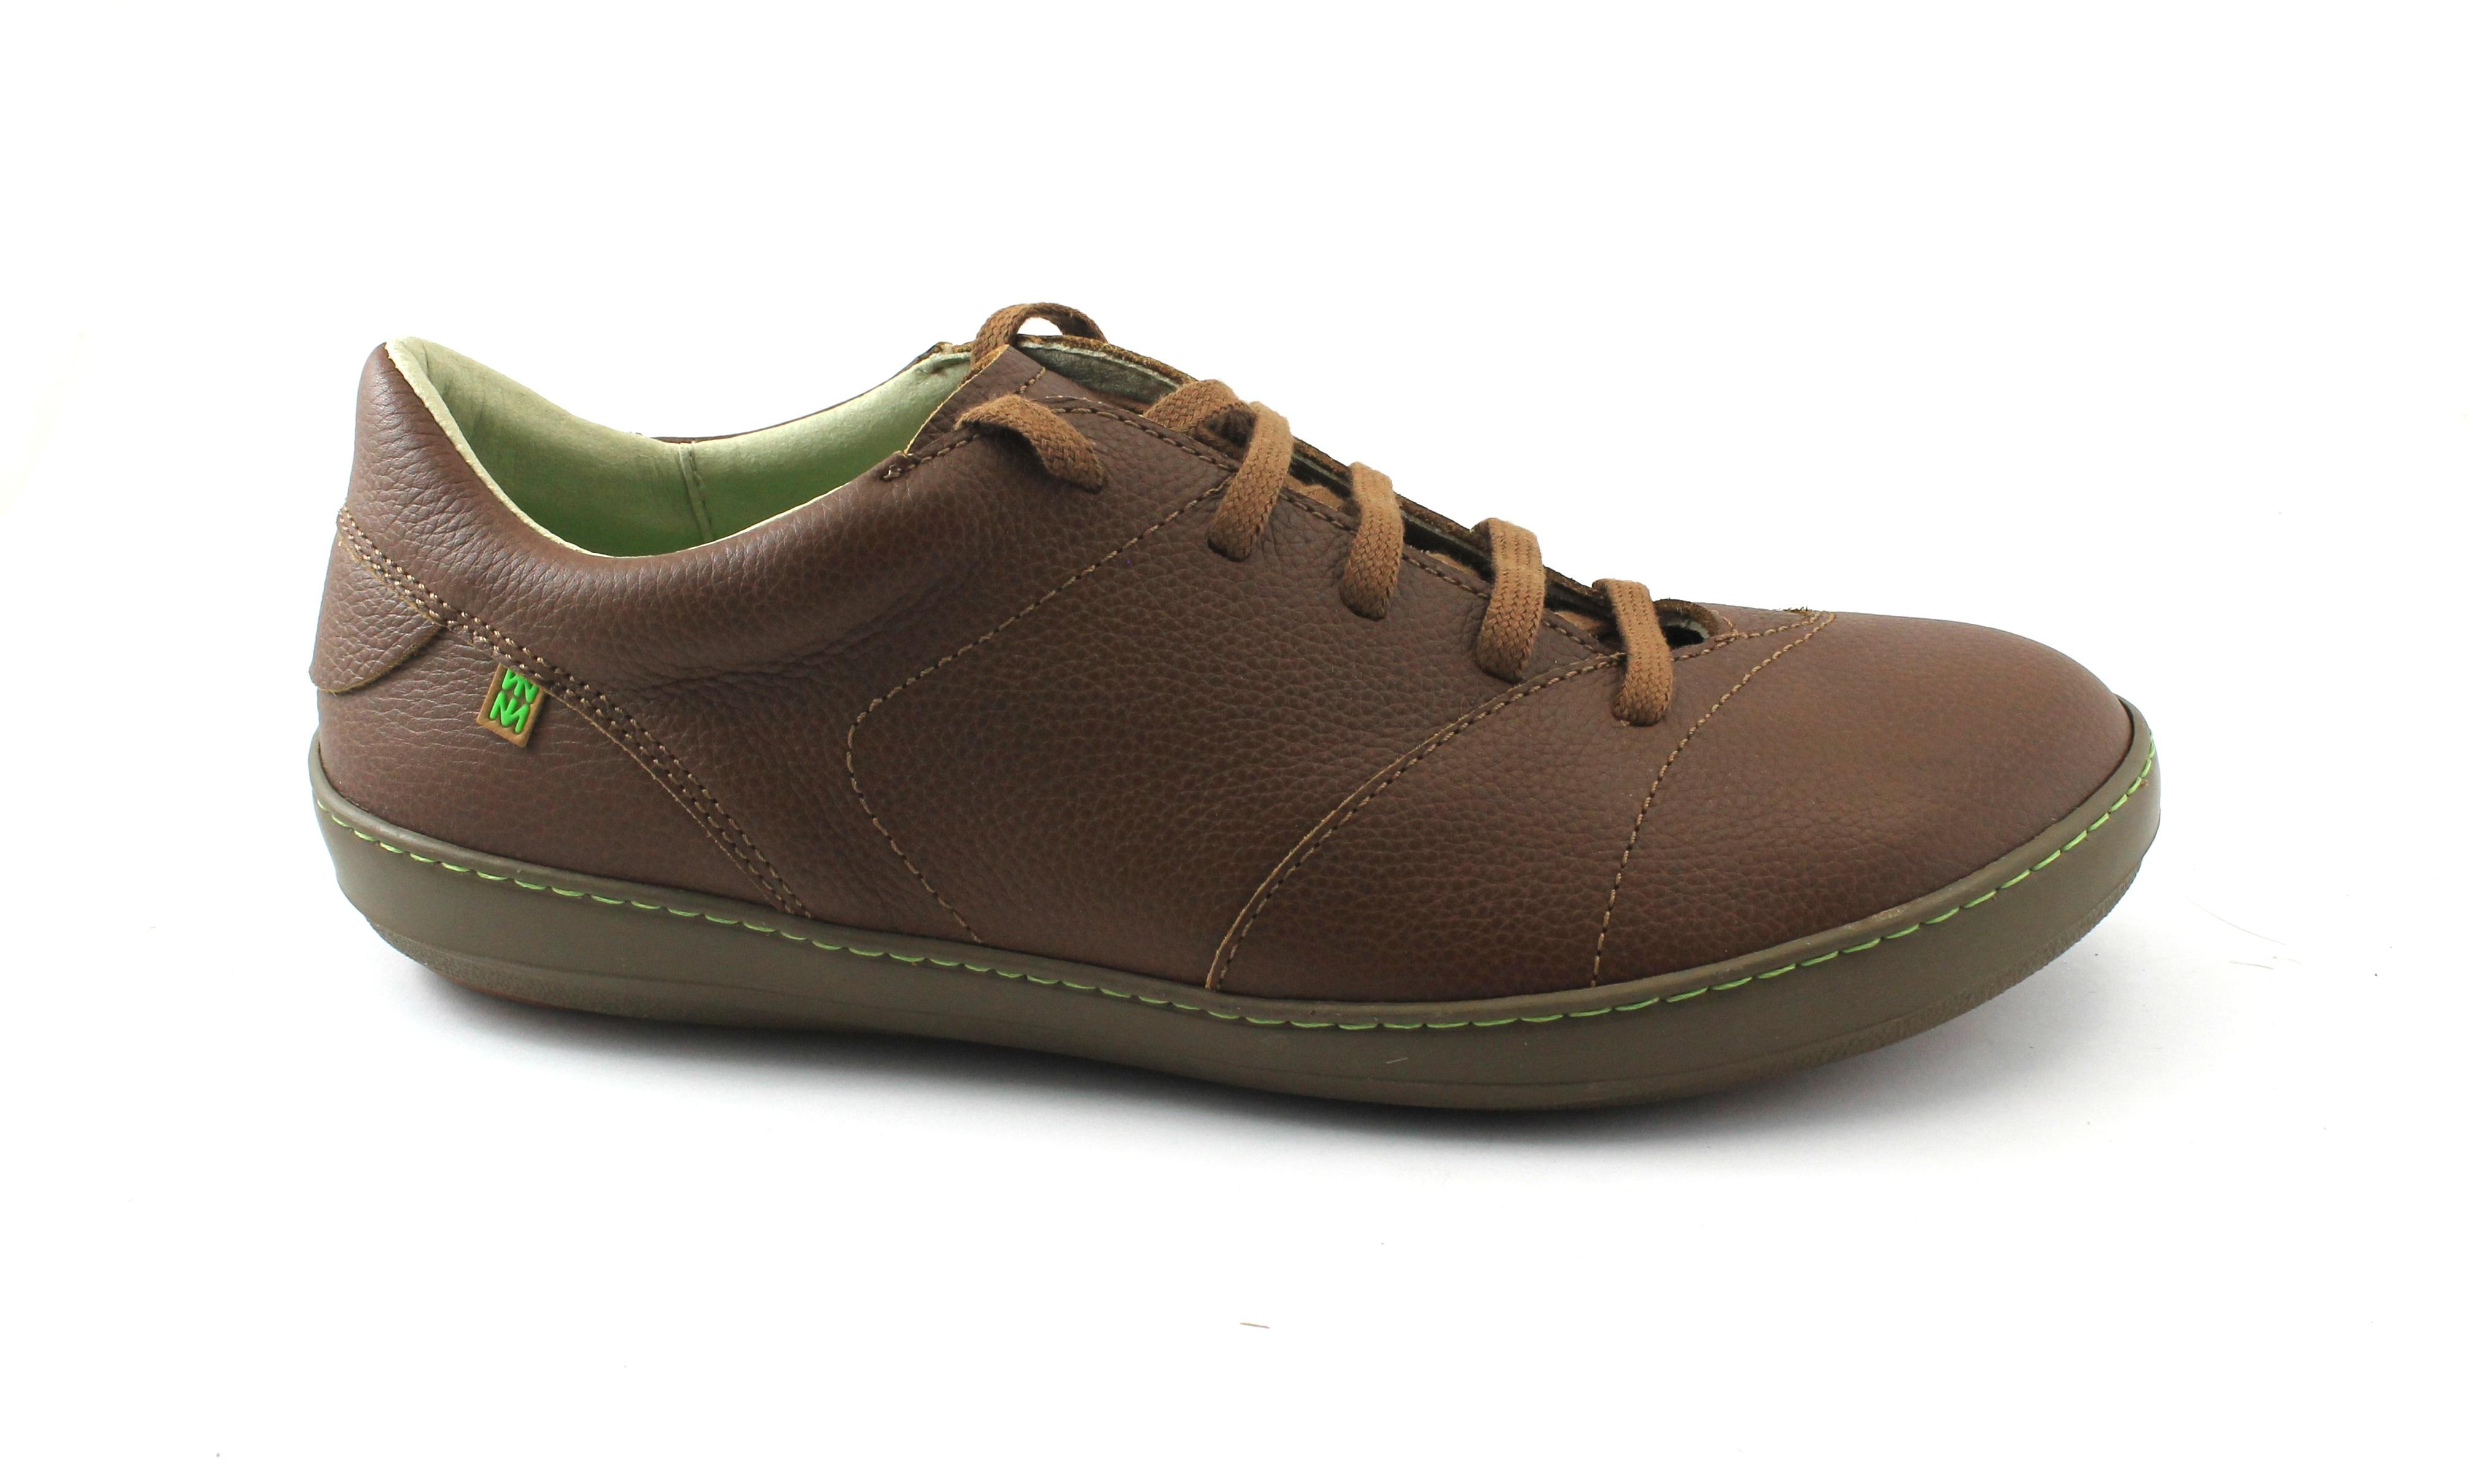 EL marrone marrone EL NATURALISTA N211 wood Marrone marrone EL scarpe uomo lacci   9dd901